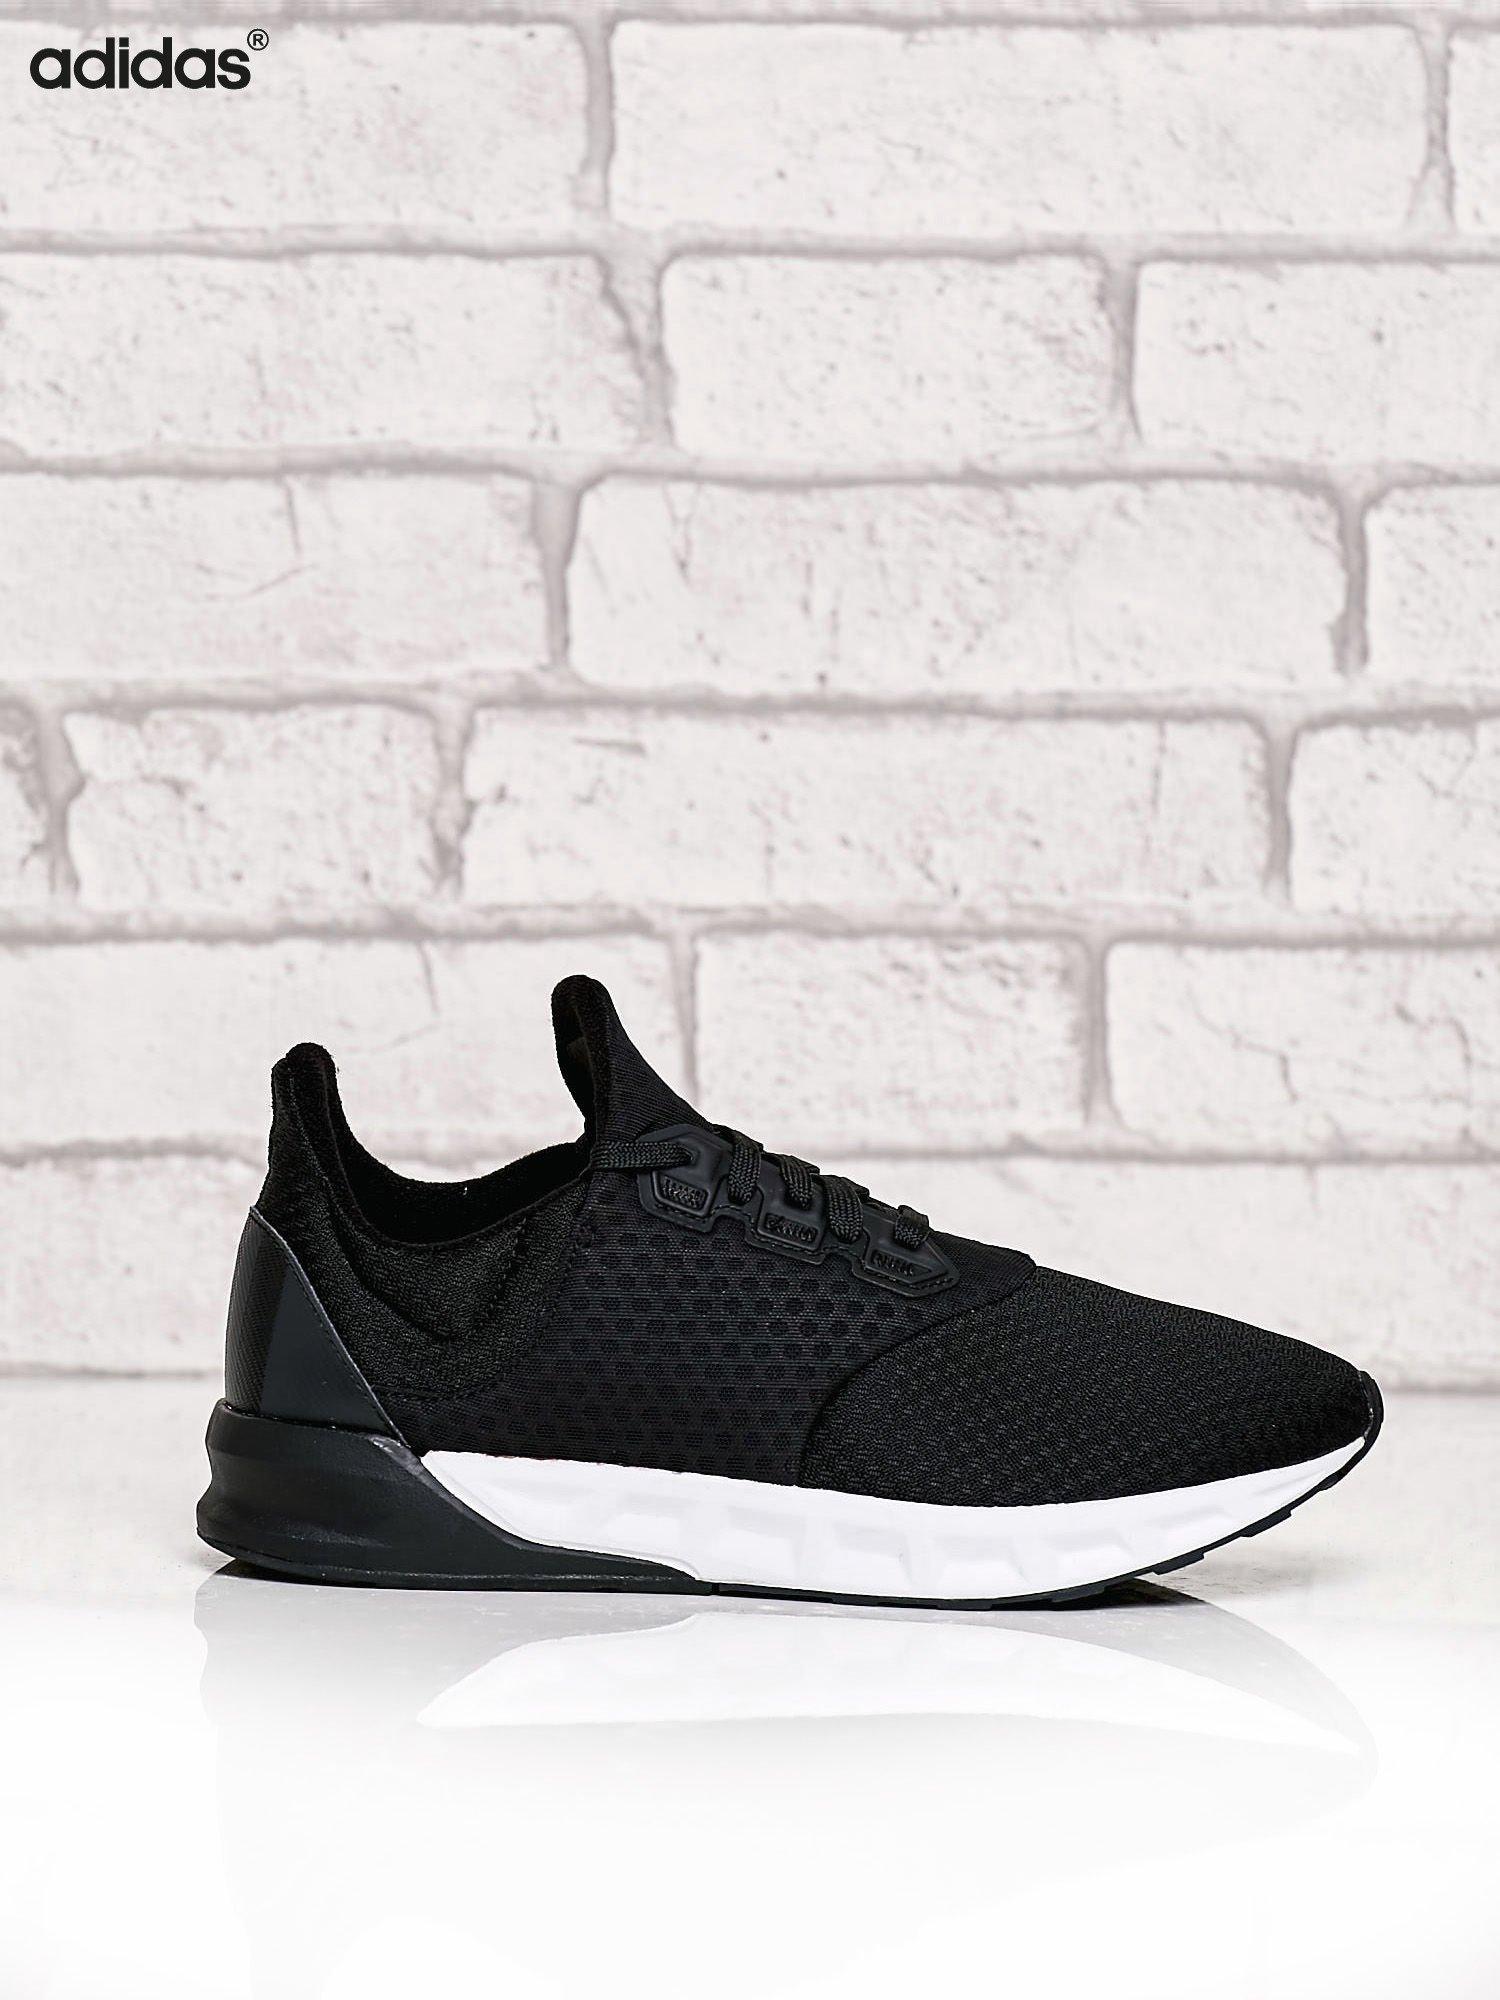 b462461124d6c ADIDAS czarne buty damskie Falcon Elite 5 sportowe do biegania ...